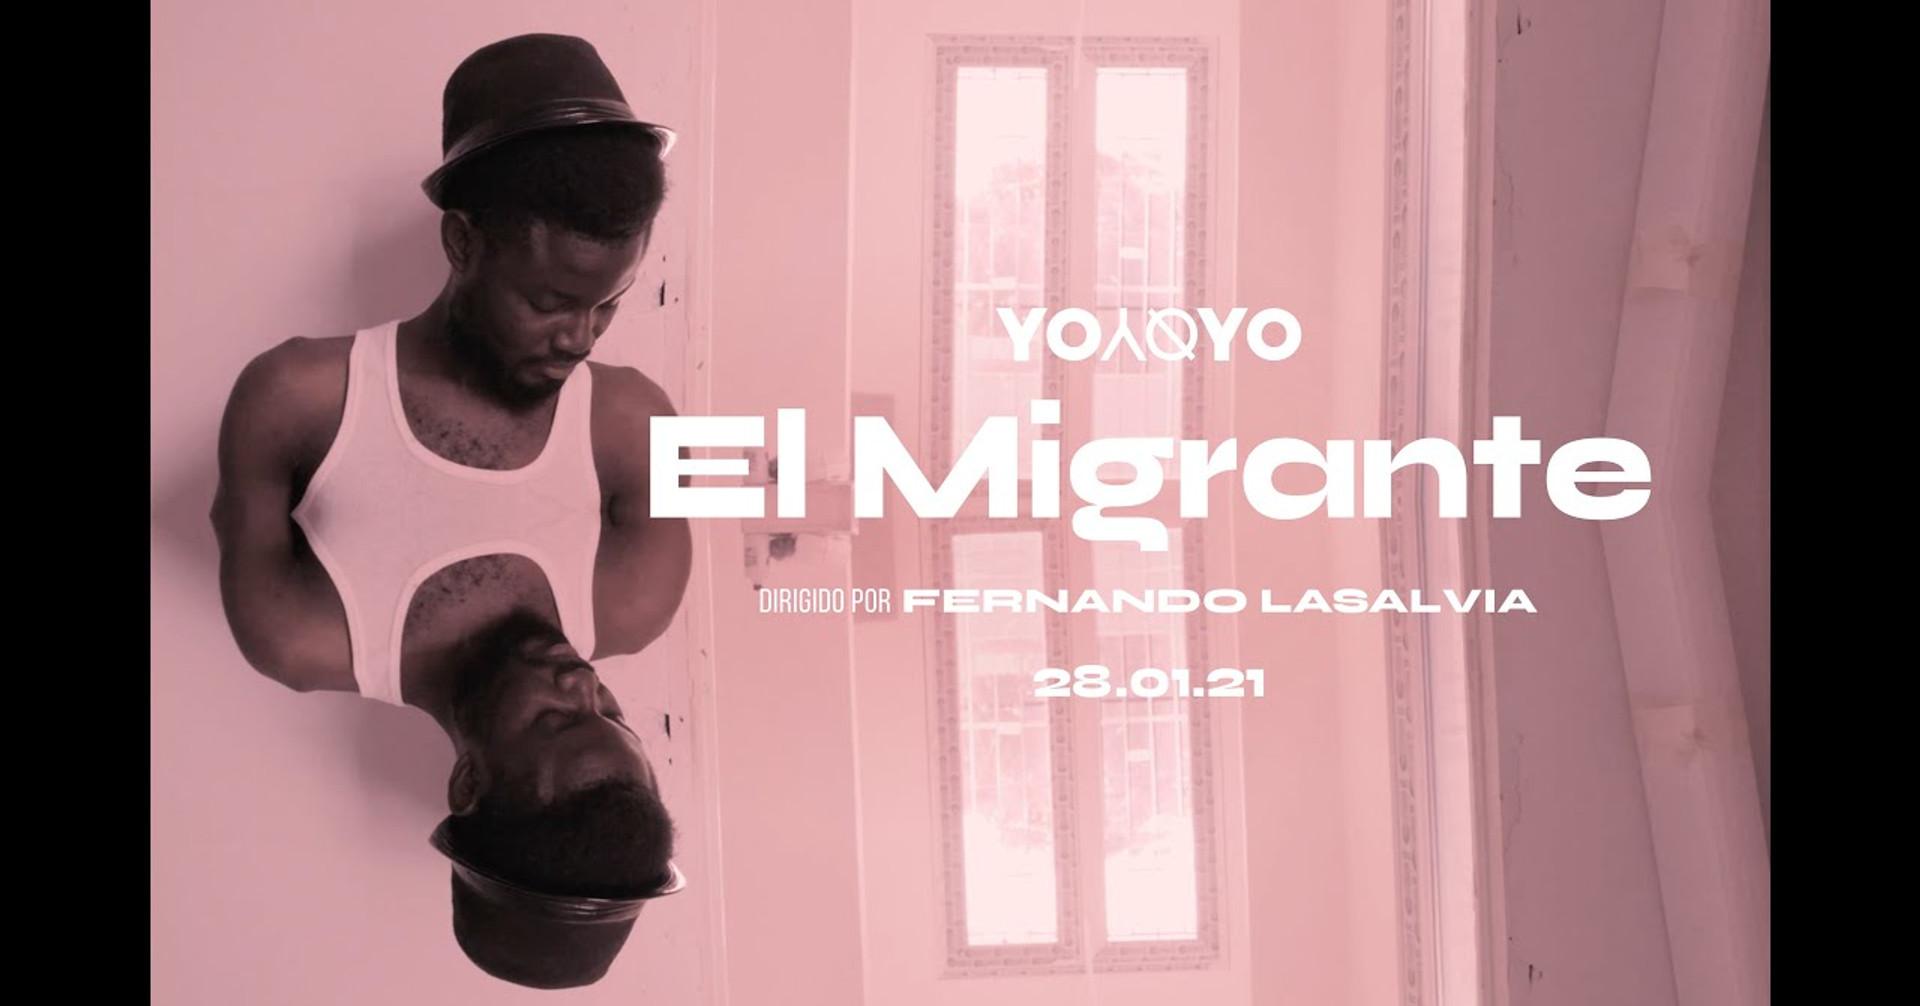 Yoyoyo - El Migrante